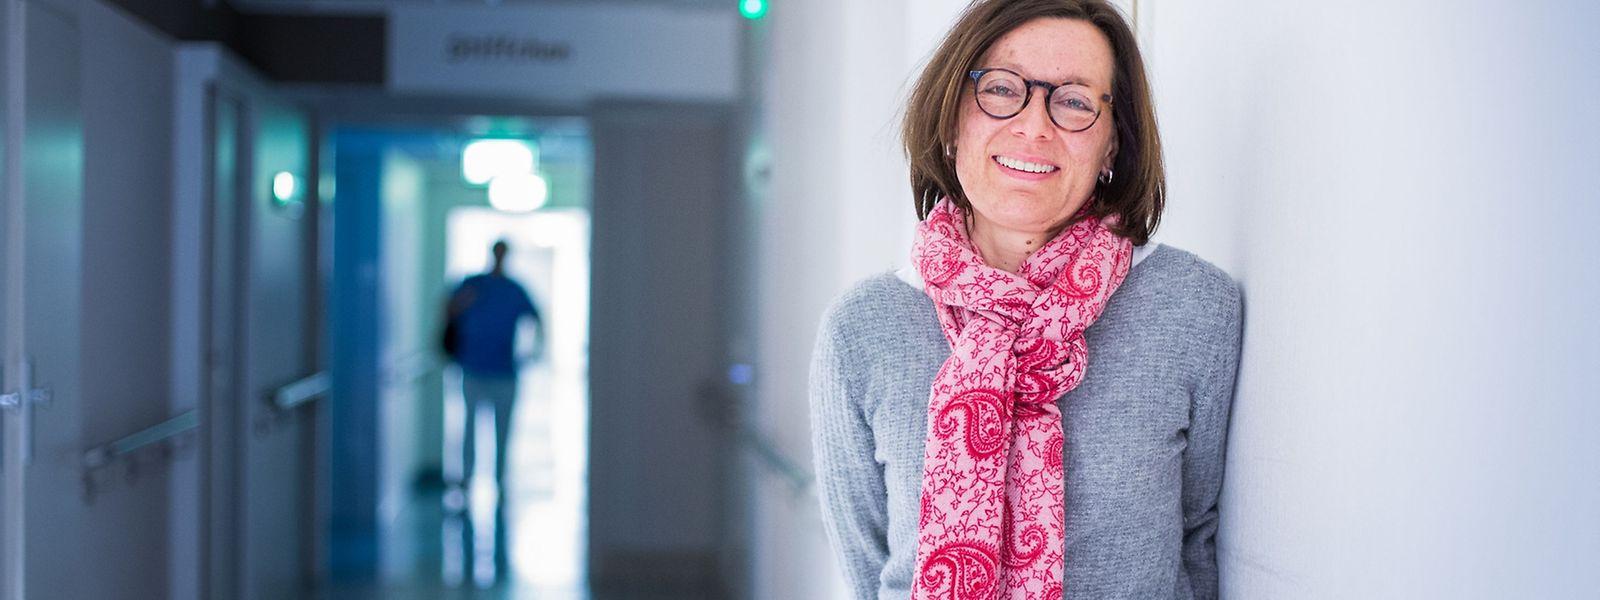 Annette Schütz weiß, dass das Leben nicht gerecht ist – und gibt ein Stück von ihrem Glück ab.